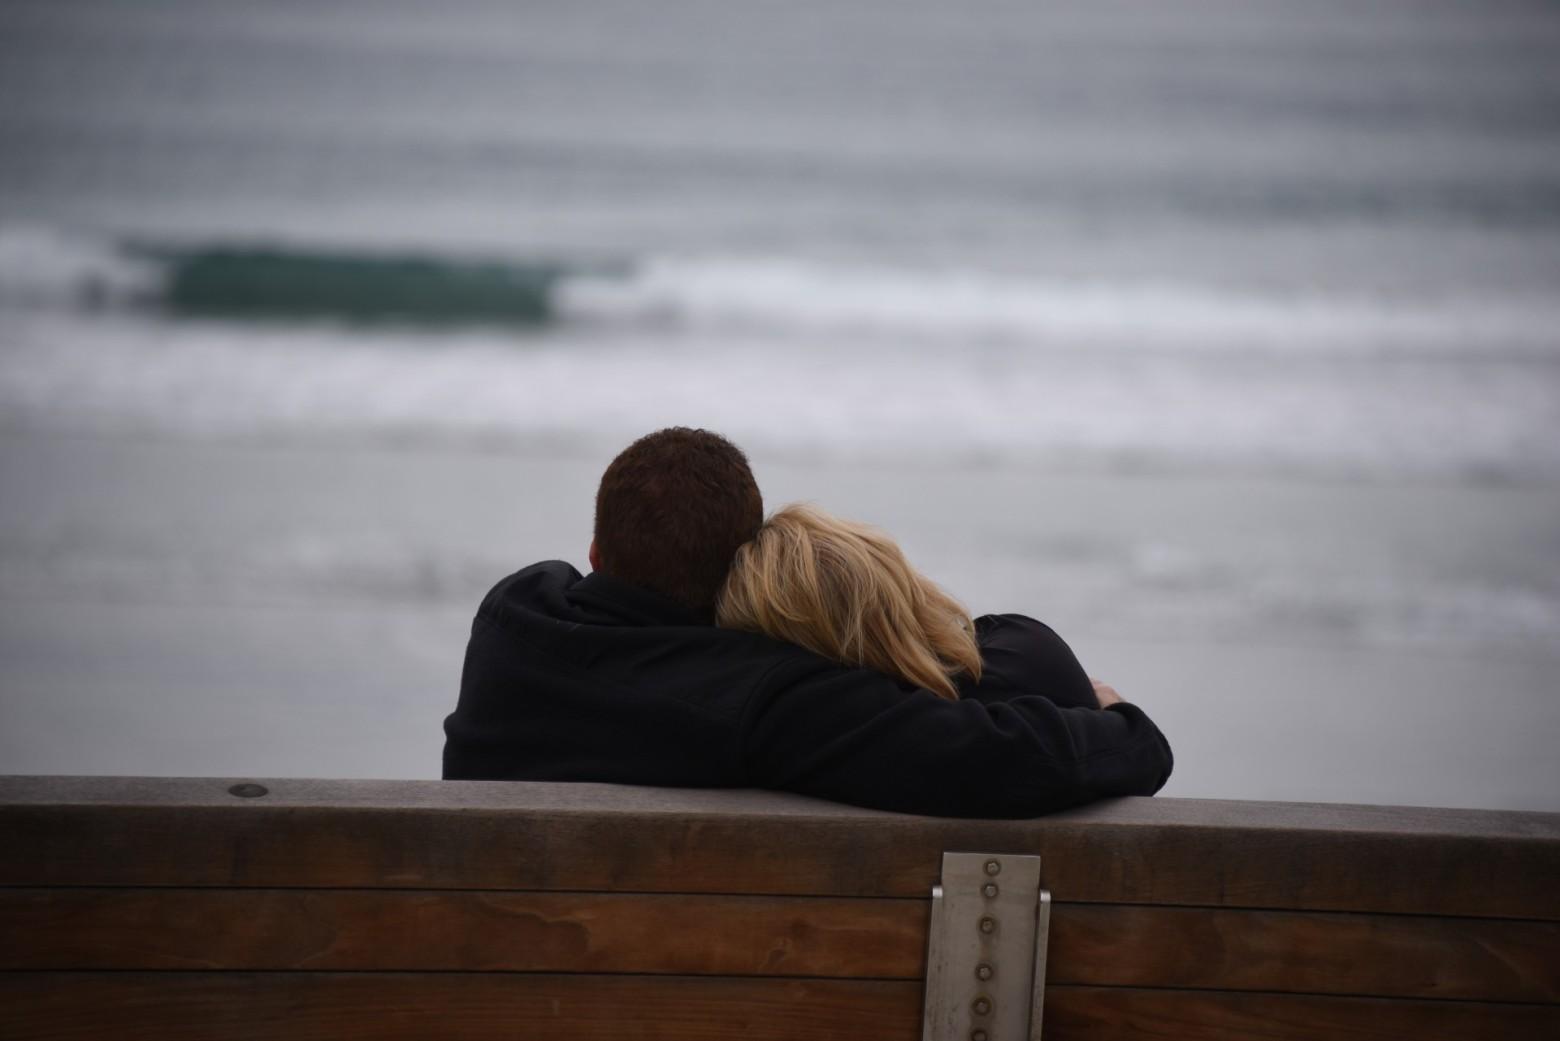 Couple Amoureux Amour Plage Images Gratuites Et Libres